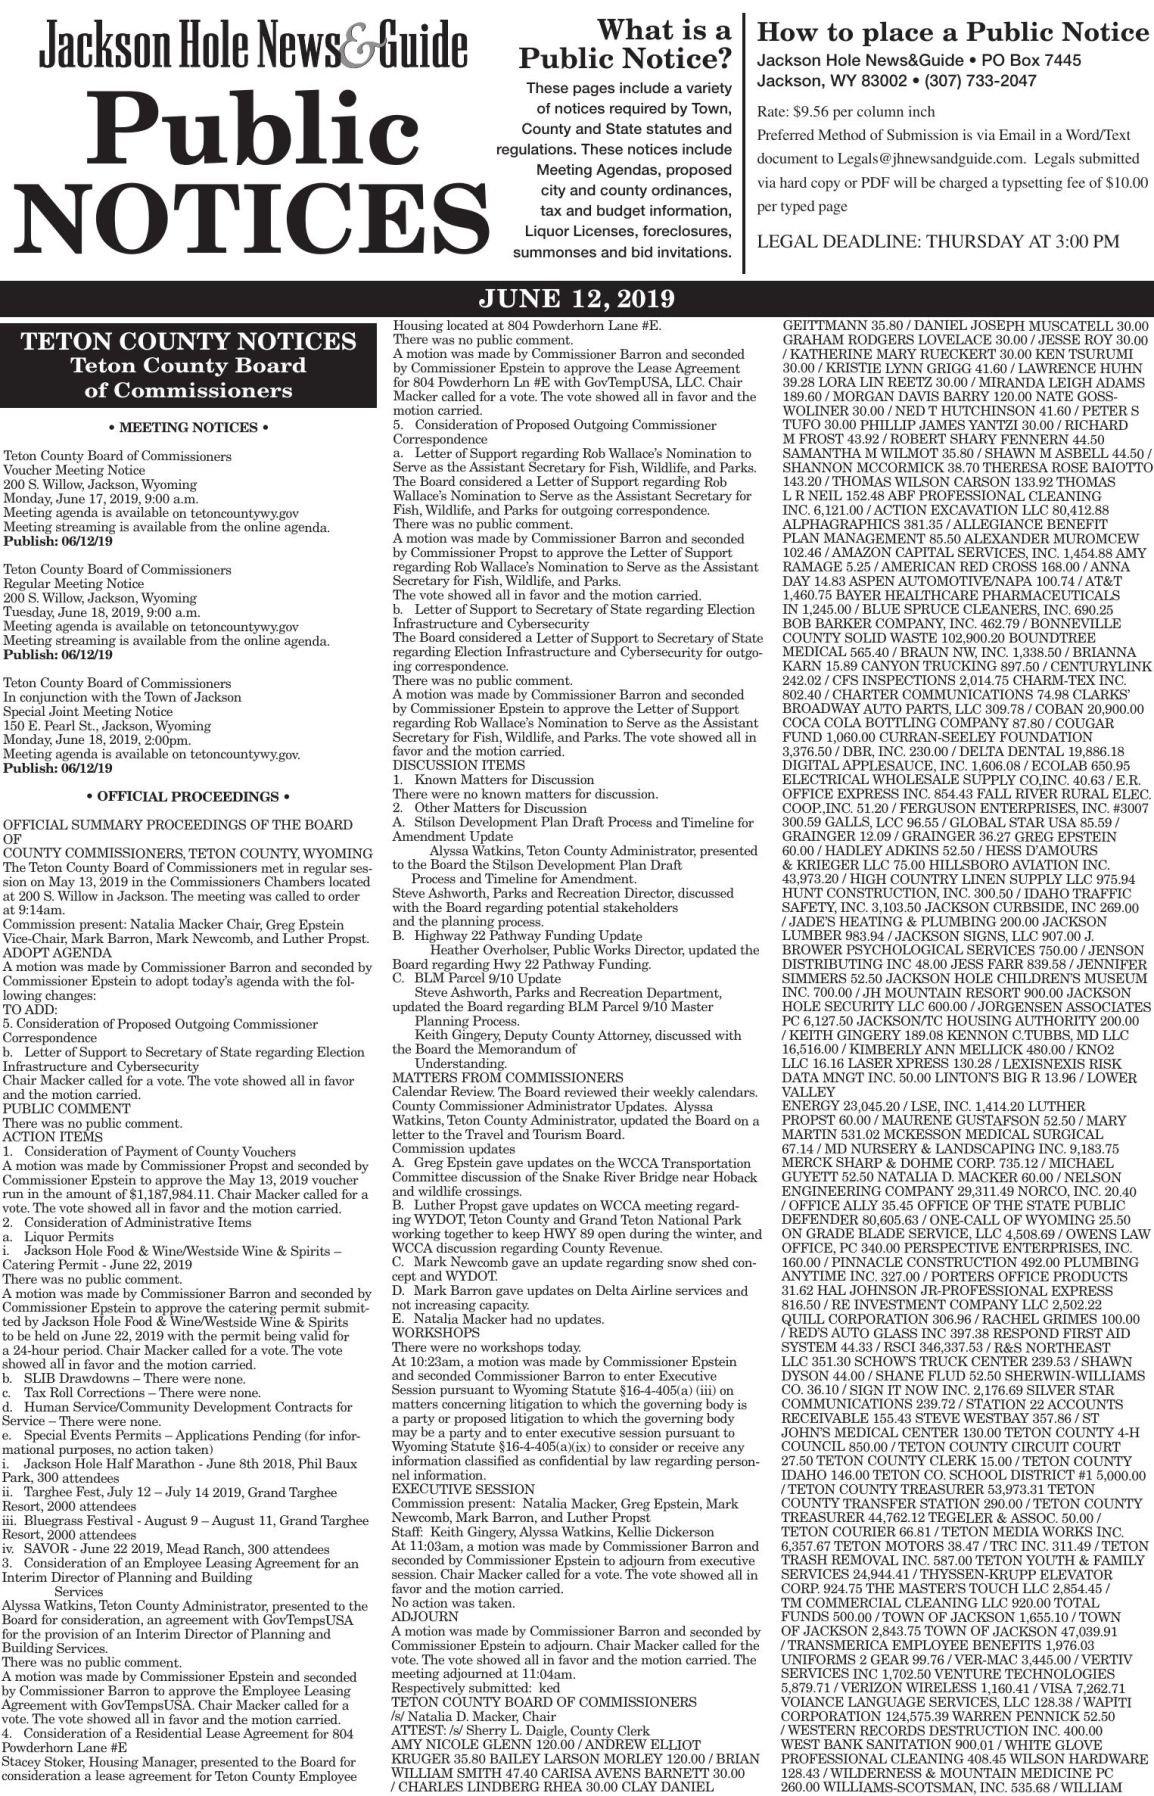 Public Notices, June 12, 2019